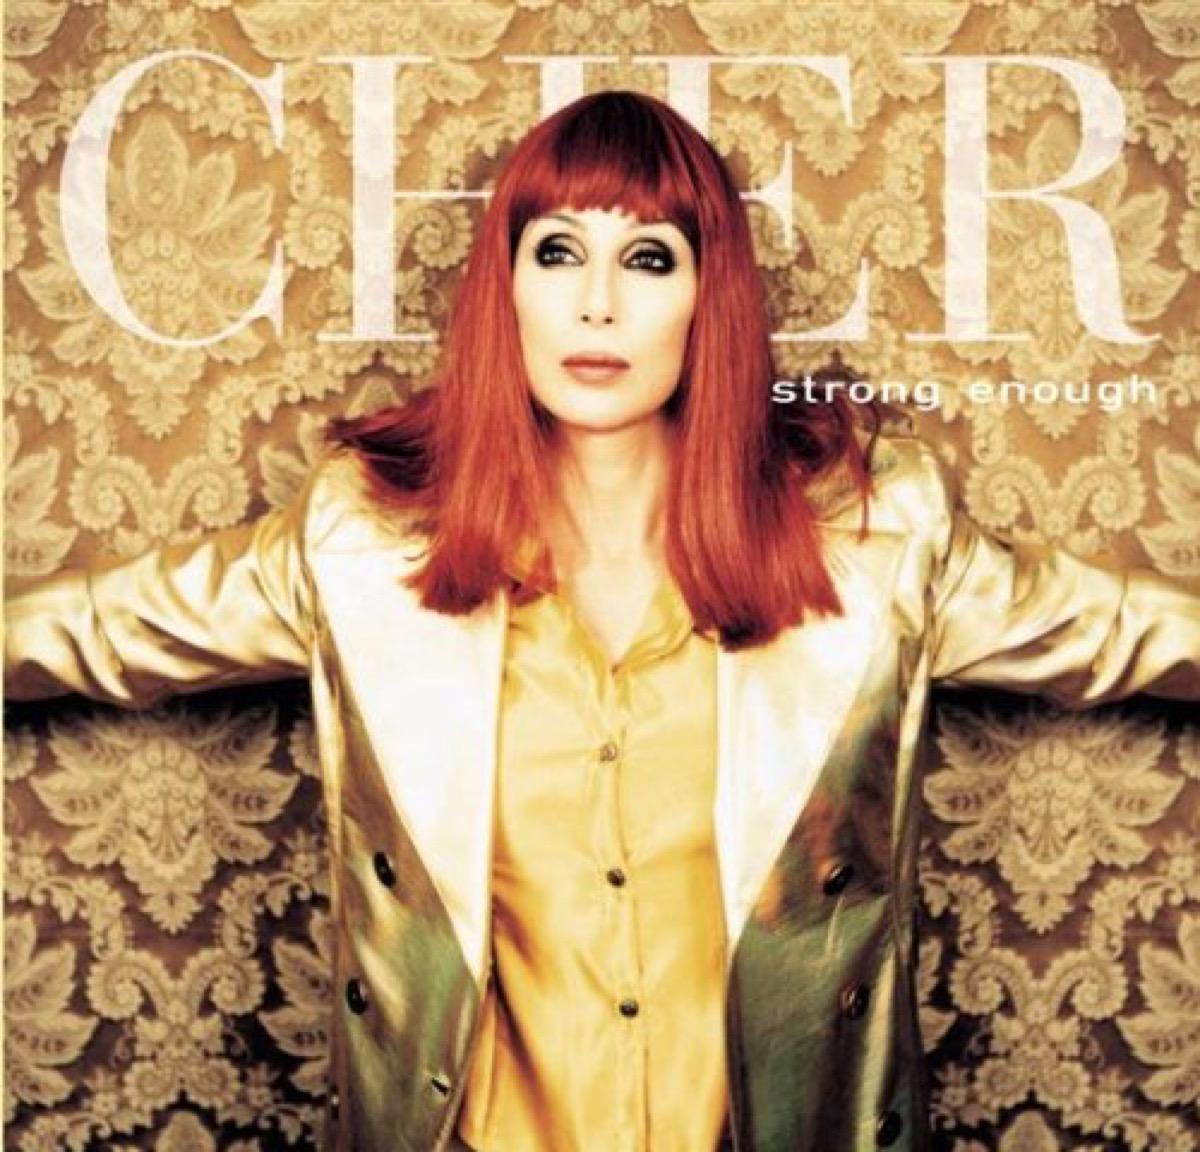 Cher Strong Enough CD